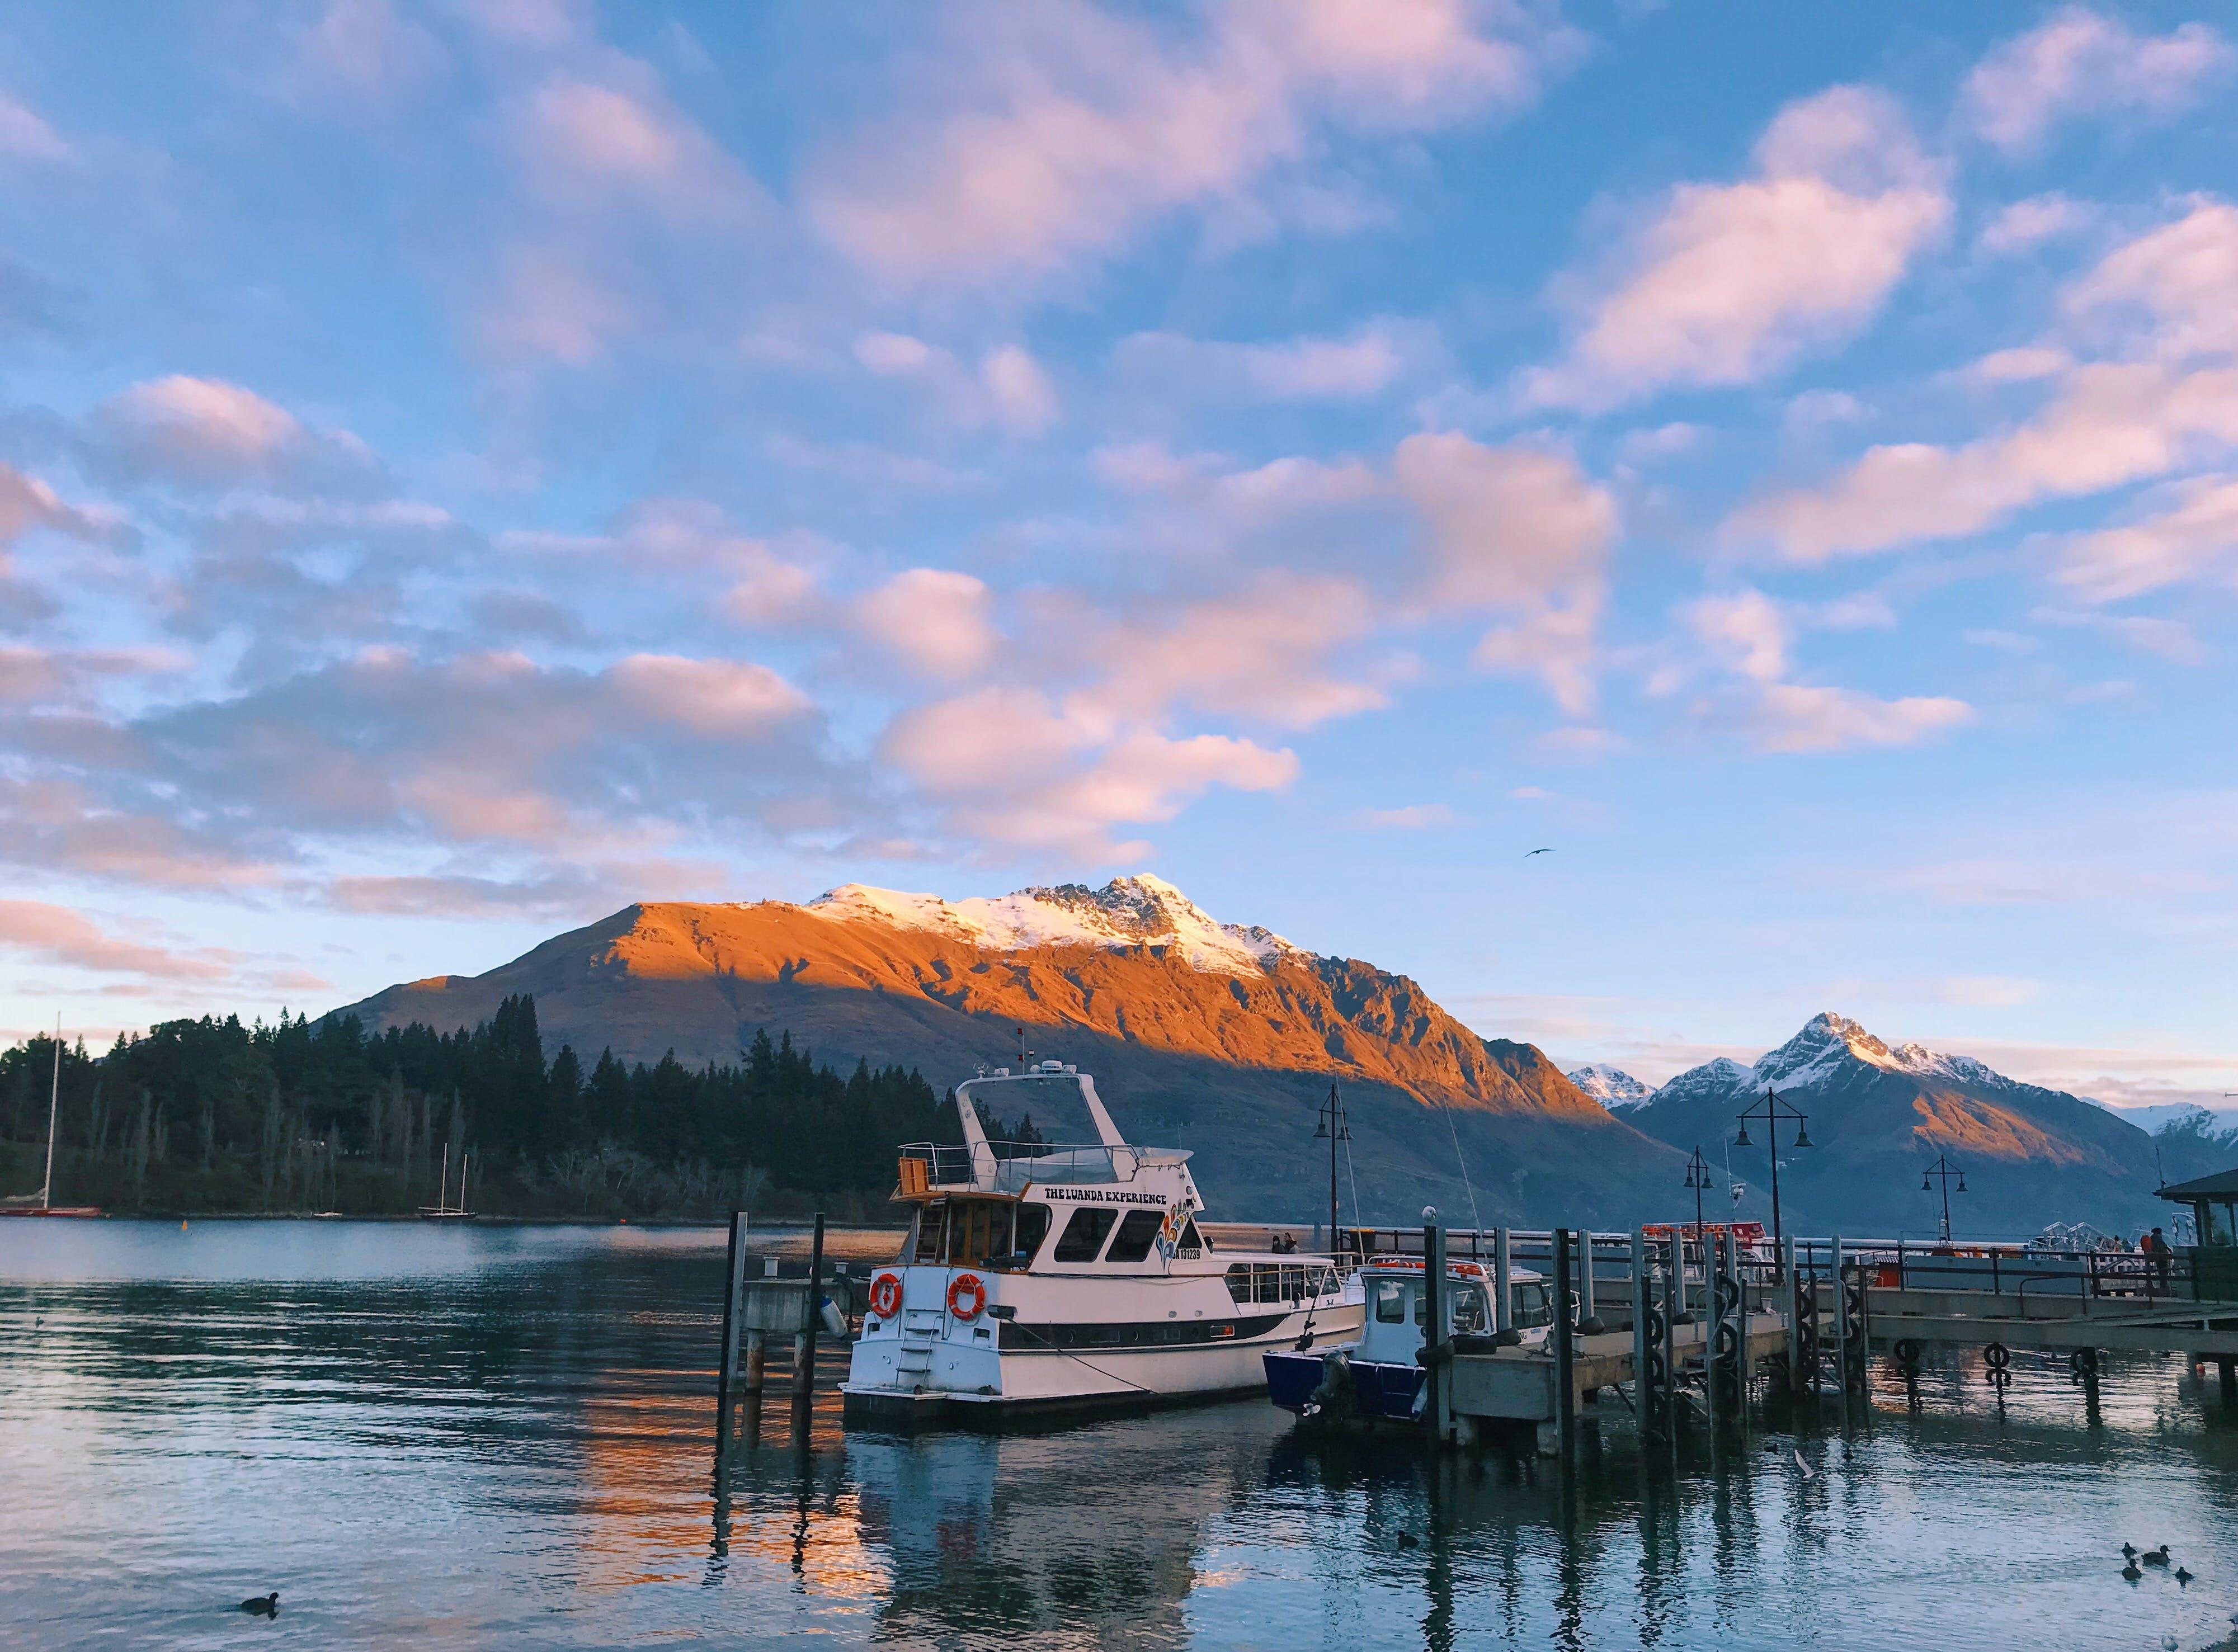 Δωρεάν στοκ φωτογραφιών με queenstown, βουνό, κατάστρωμα σκάφους